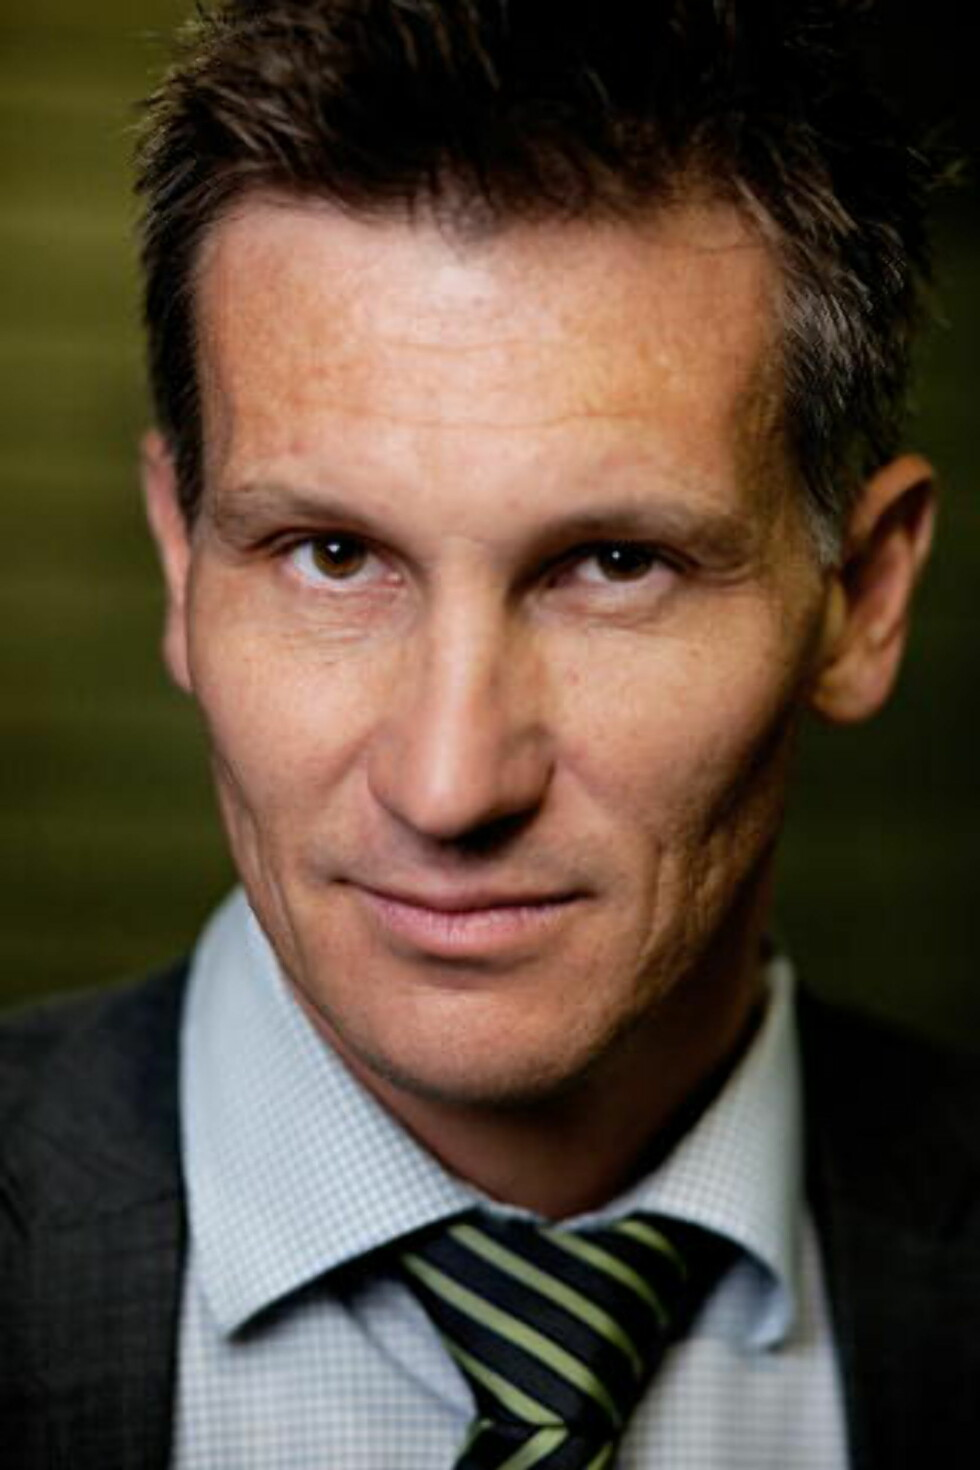 GIR GEBYR: Direktør Bjørn Erik Thon i Datatilsynet var ikke tvil om at Justisdepartementet brøt loven. Foto: Jo Straube / Dagbladet